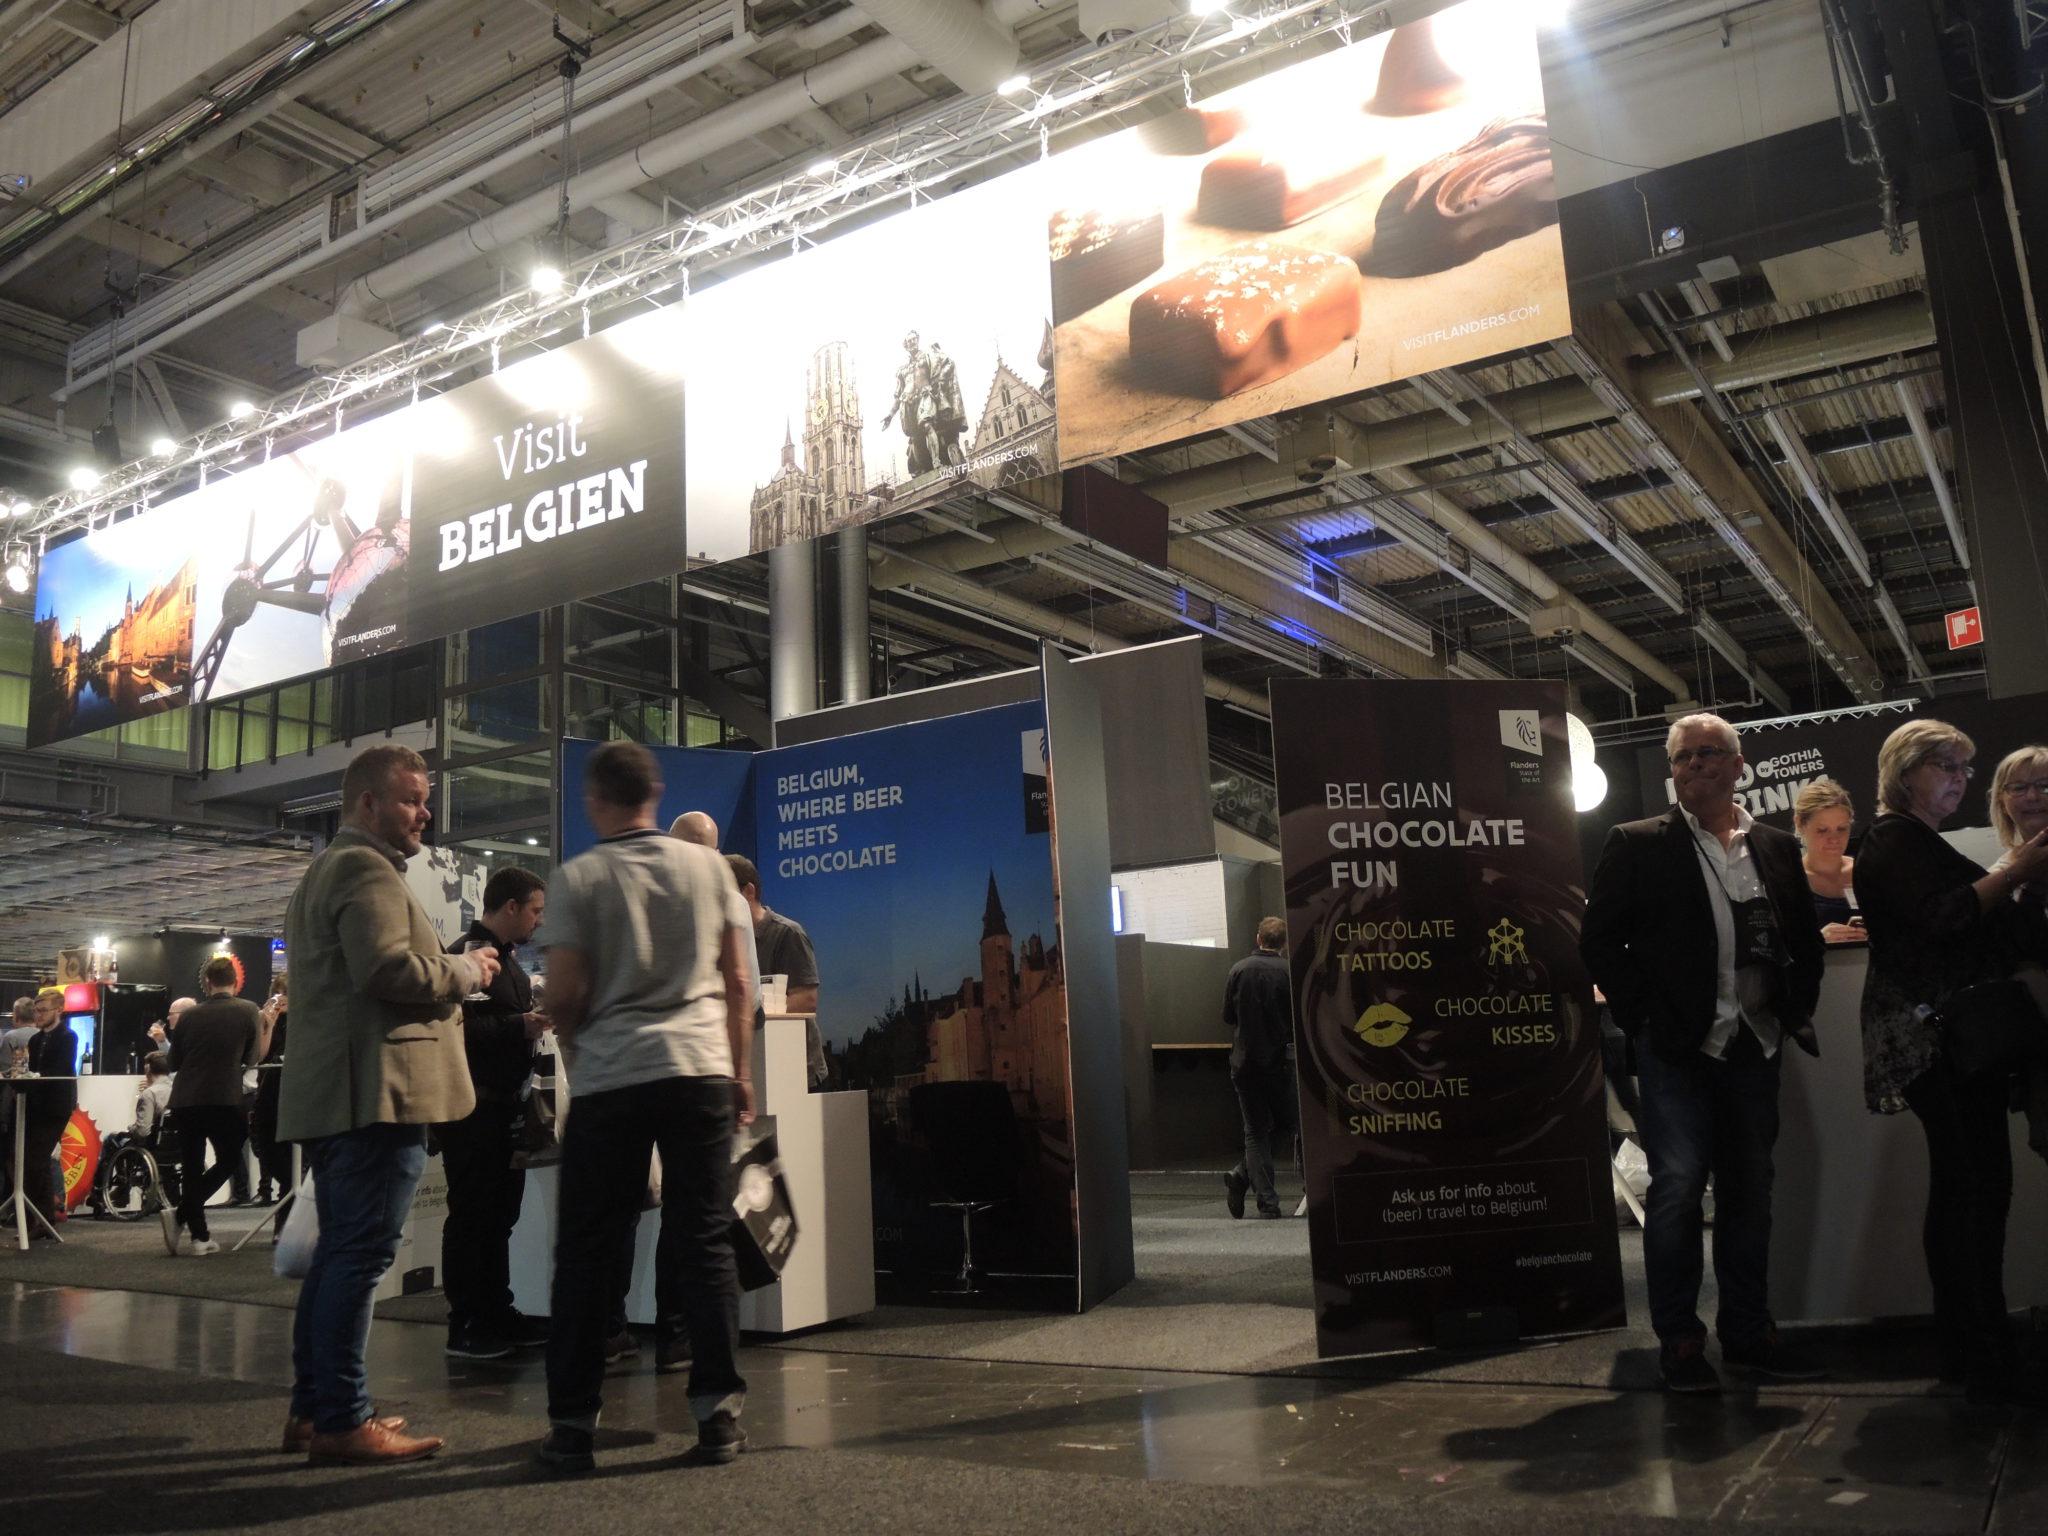 Toerisme-Vlaanderen-Bierfestival-GOT-Mar173 Toerisme Vlaanderen Bierfestival GOT Mar17